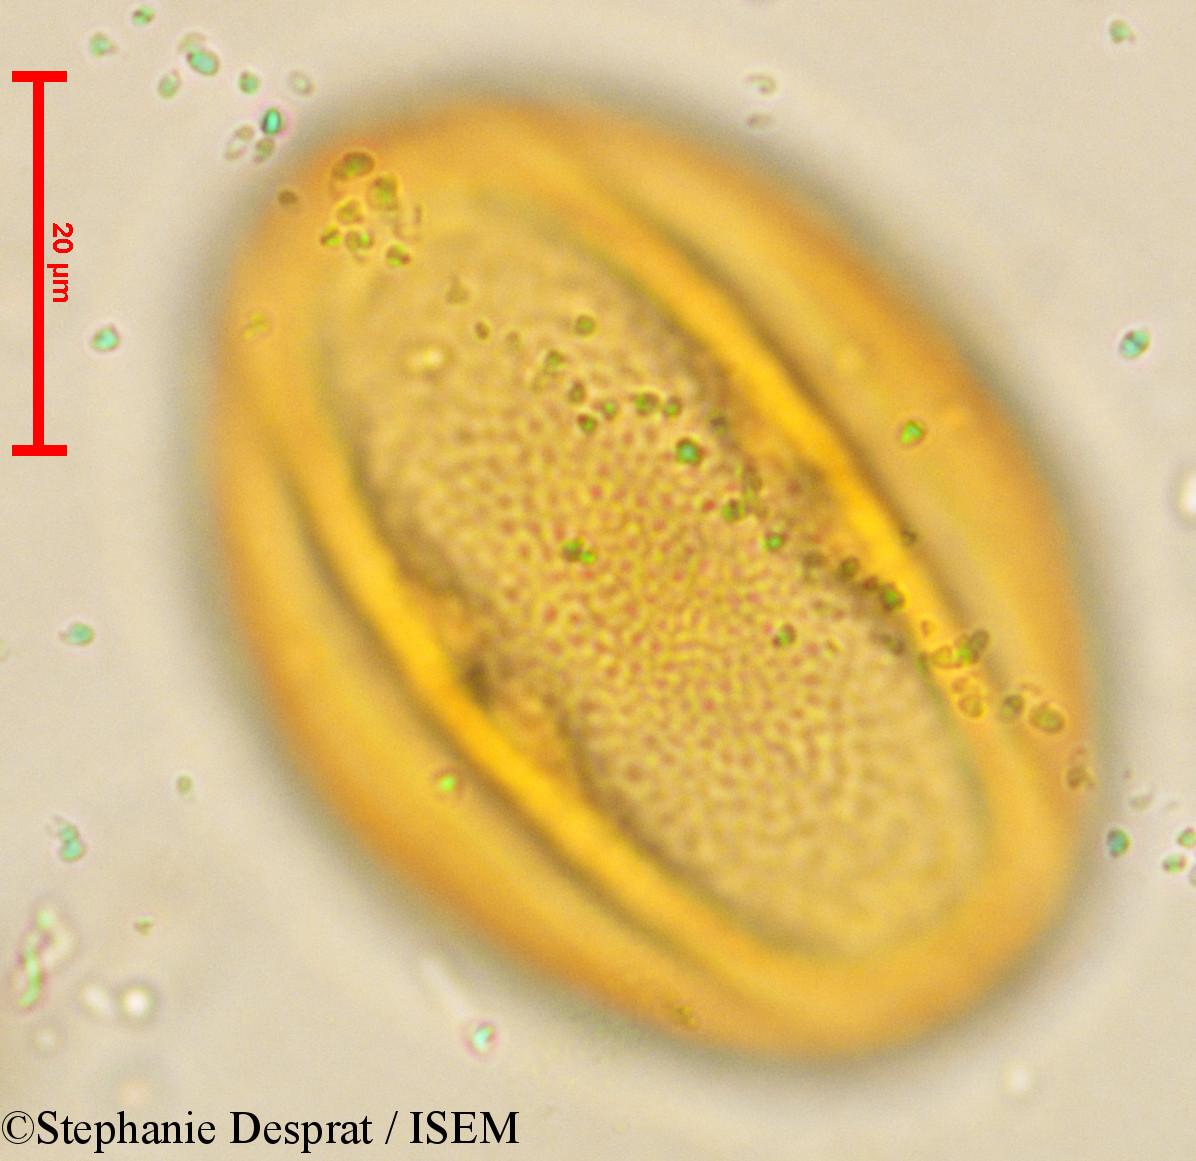 Stephanie.Desprat/Cissus_quadrangularis_4063/Cissus_quadrangularis_4063_0001(copy).jpg